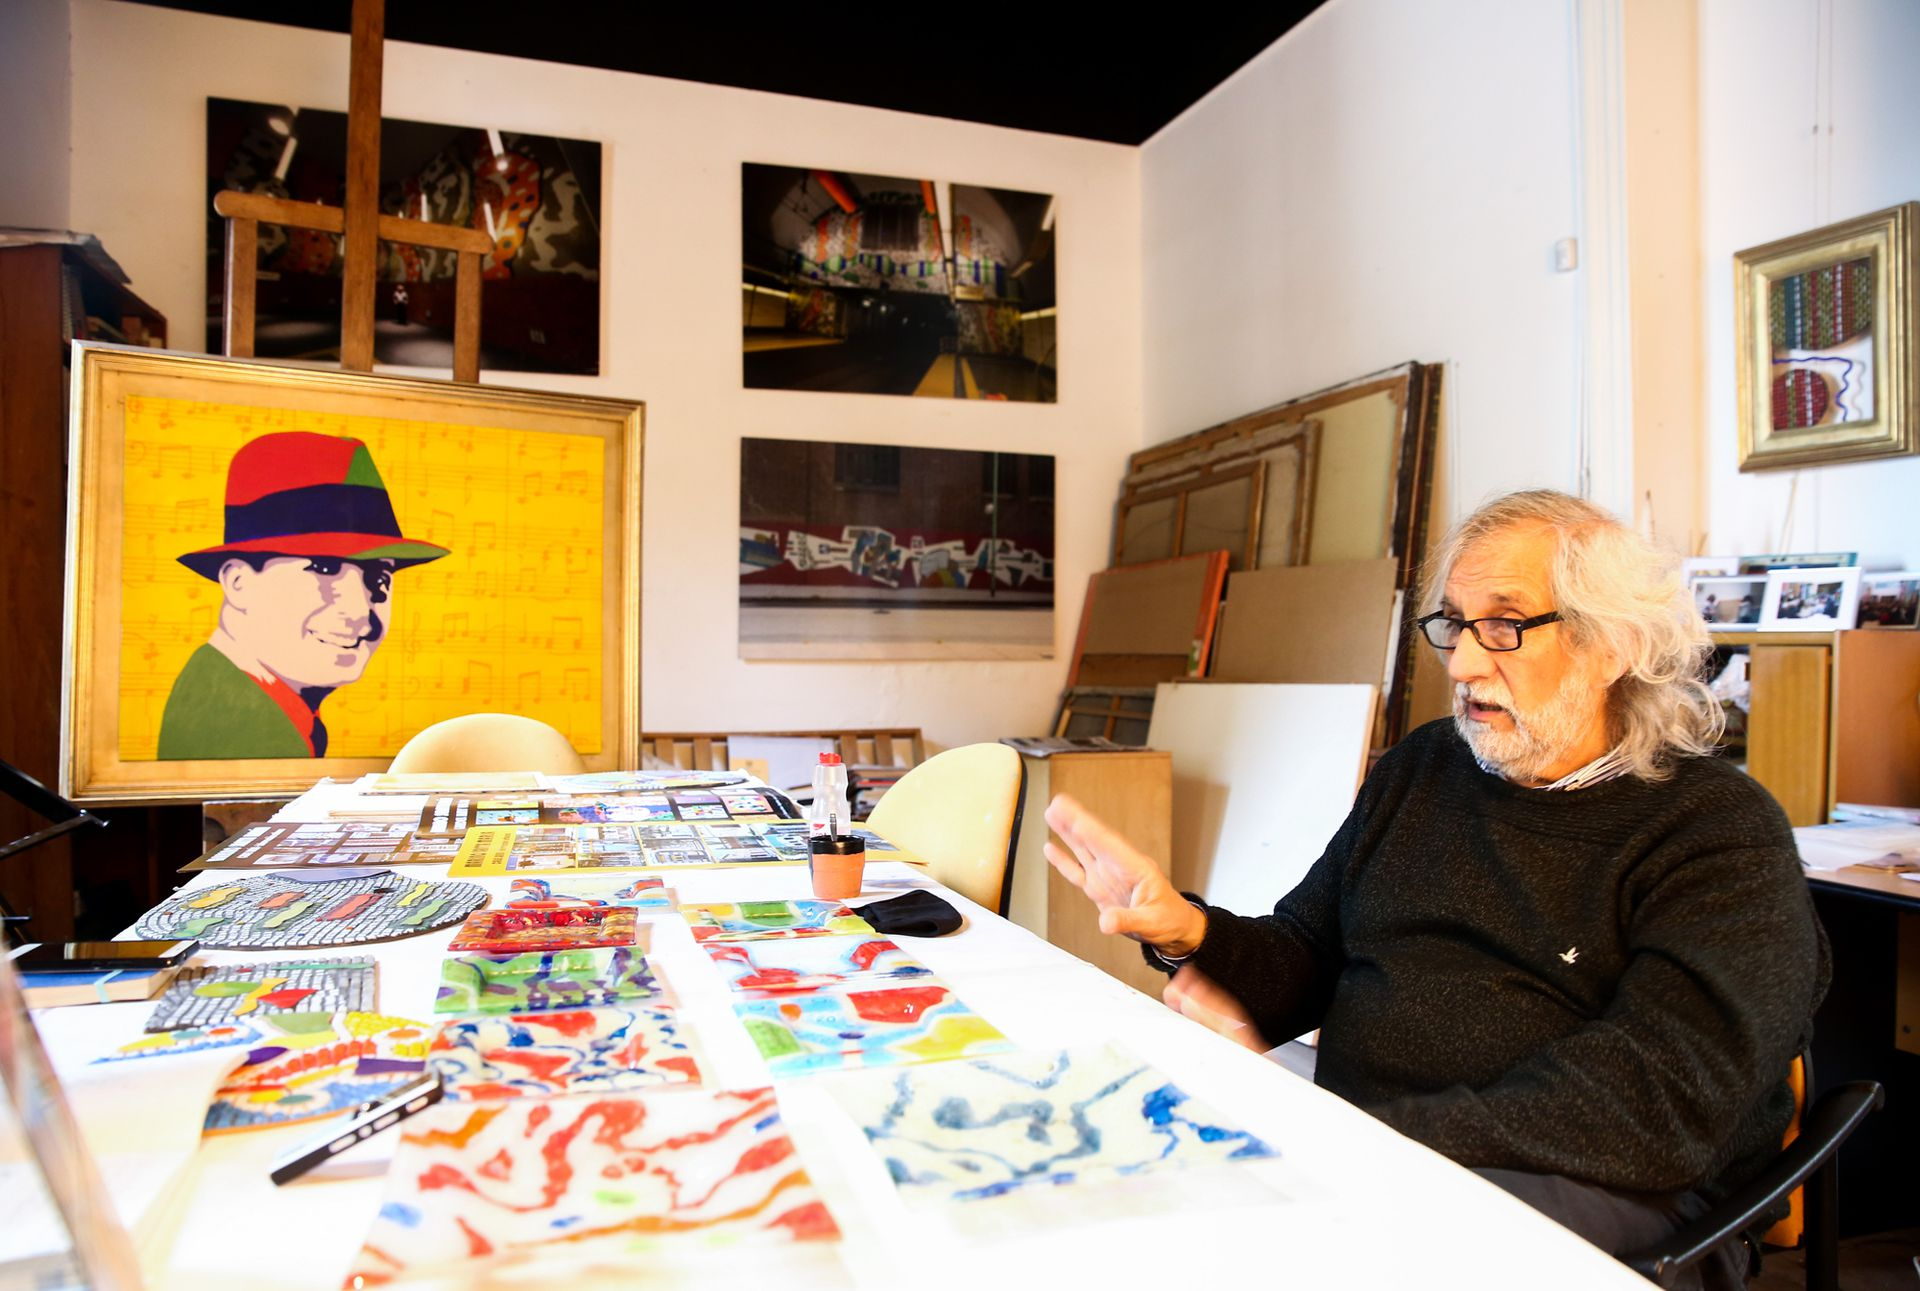 Nacido en el propio pasaje Lanín, Marino Santa María pasó su infancia en la casa donde hoy funciona su taller